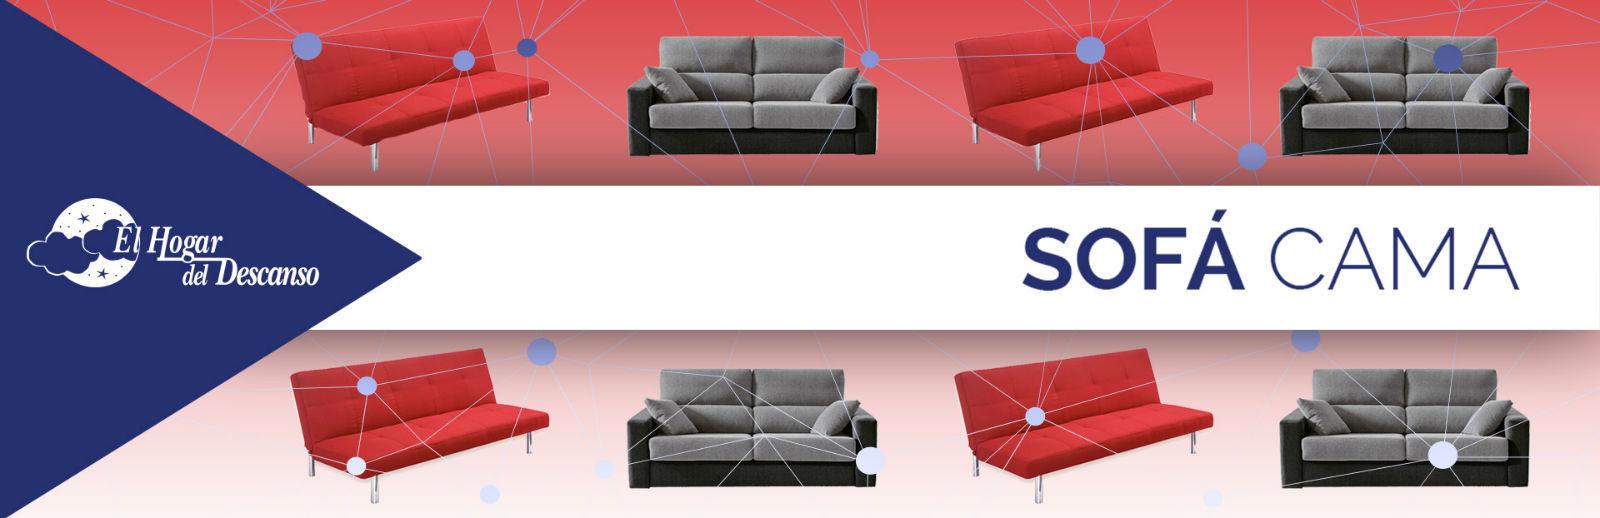 Sof cama comprar sof cama almer a sof cama clic clac for Sofa almeria